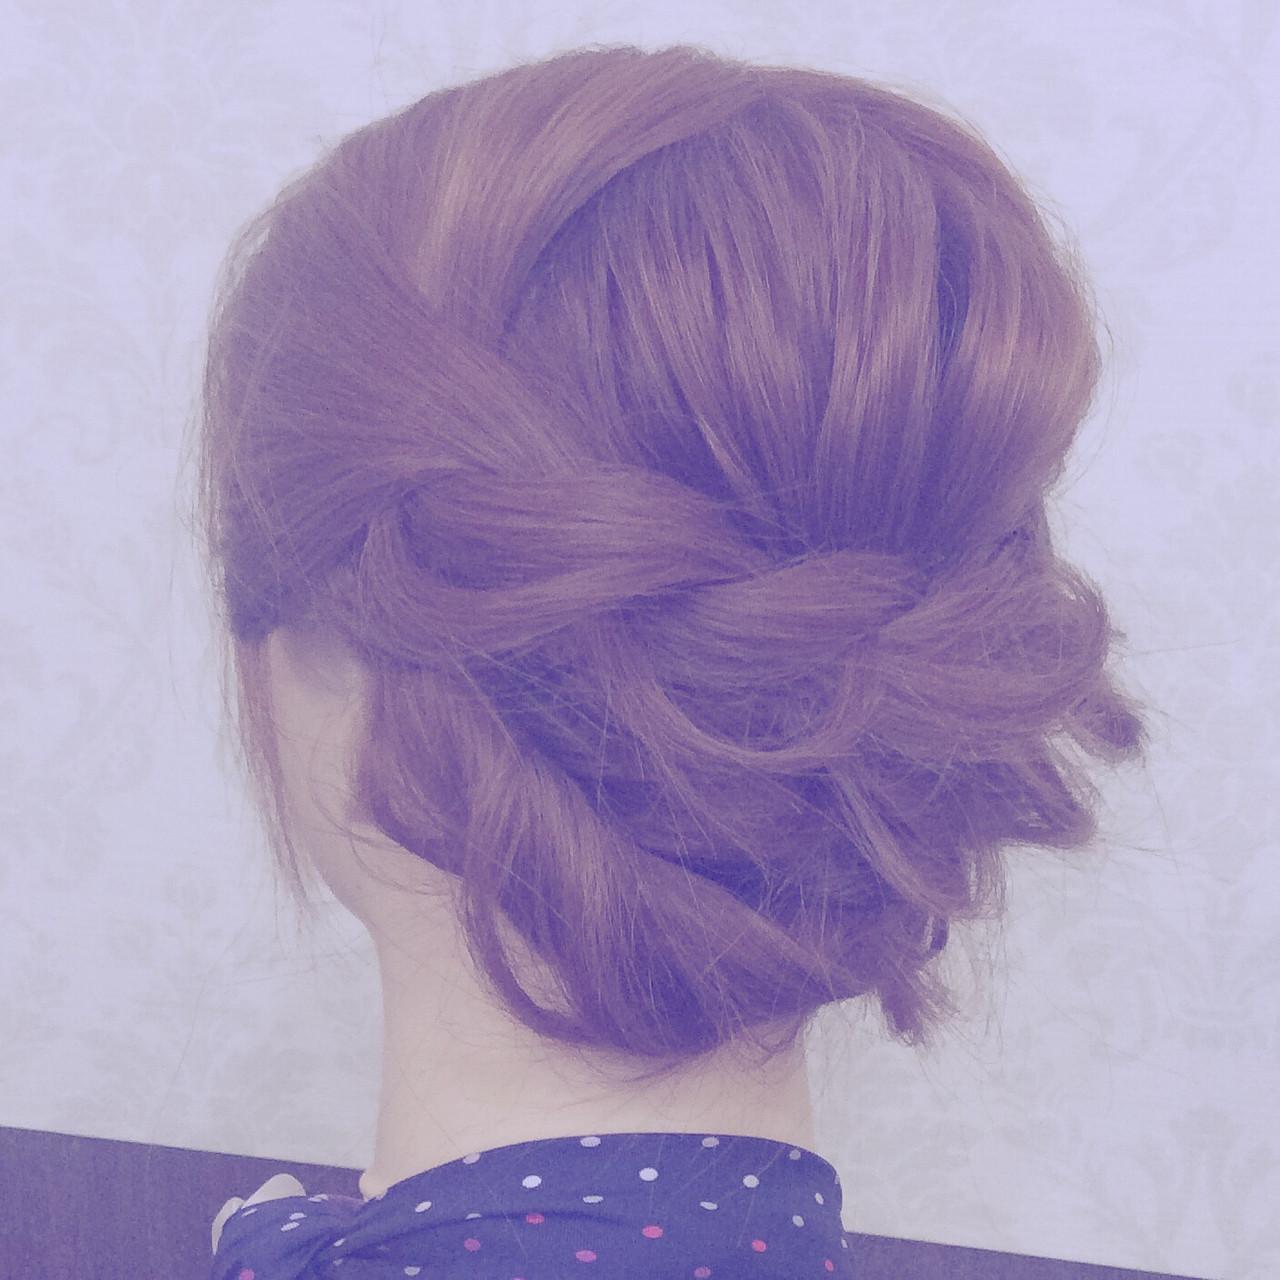 ざっくり大きめミディアムヘアのロープ編みアレンジ antiquepomme/yokohama | 一席美容室 アンティークポム